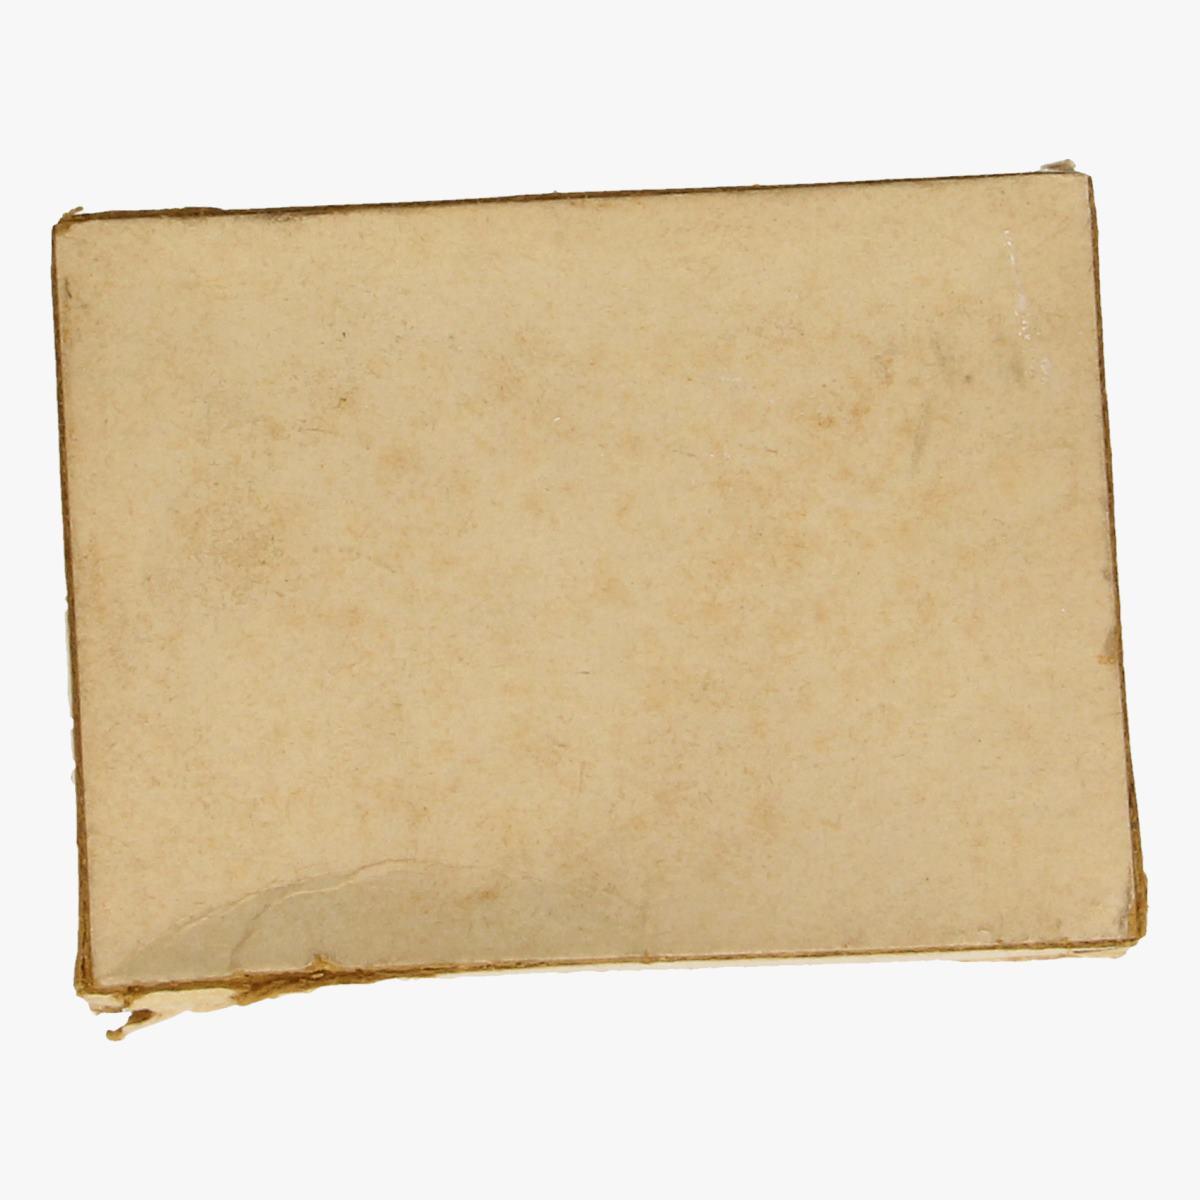 Afbeeldingen van notitie boekje 1968